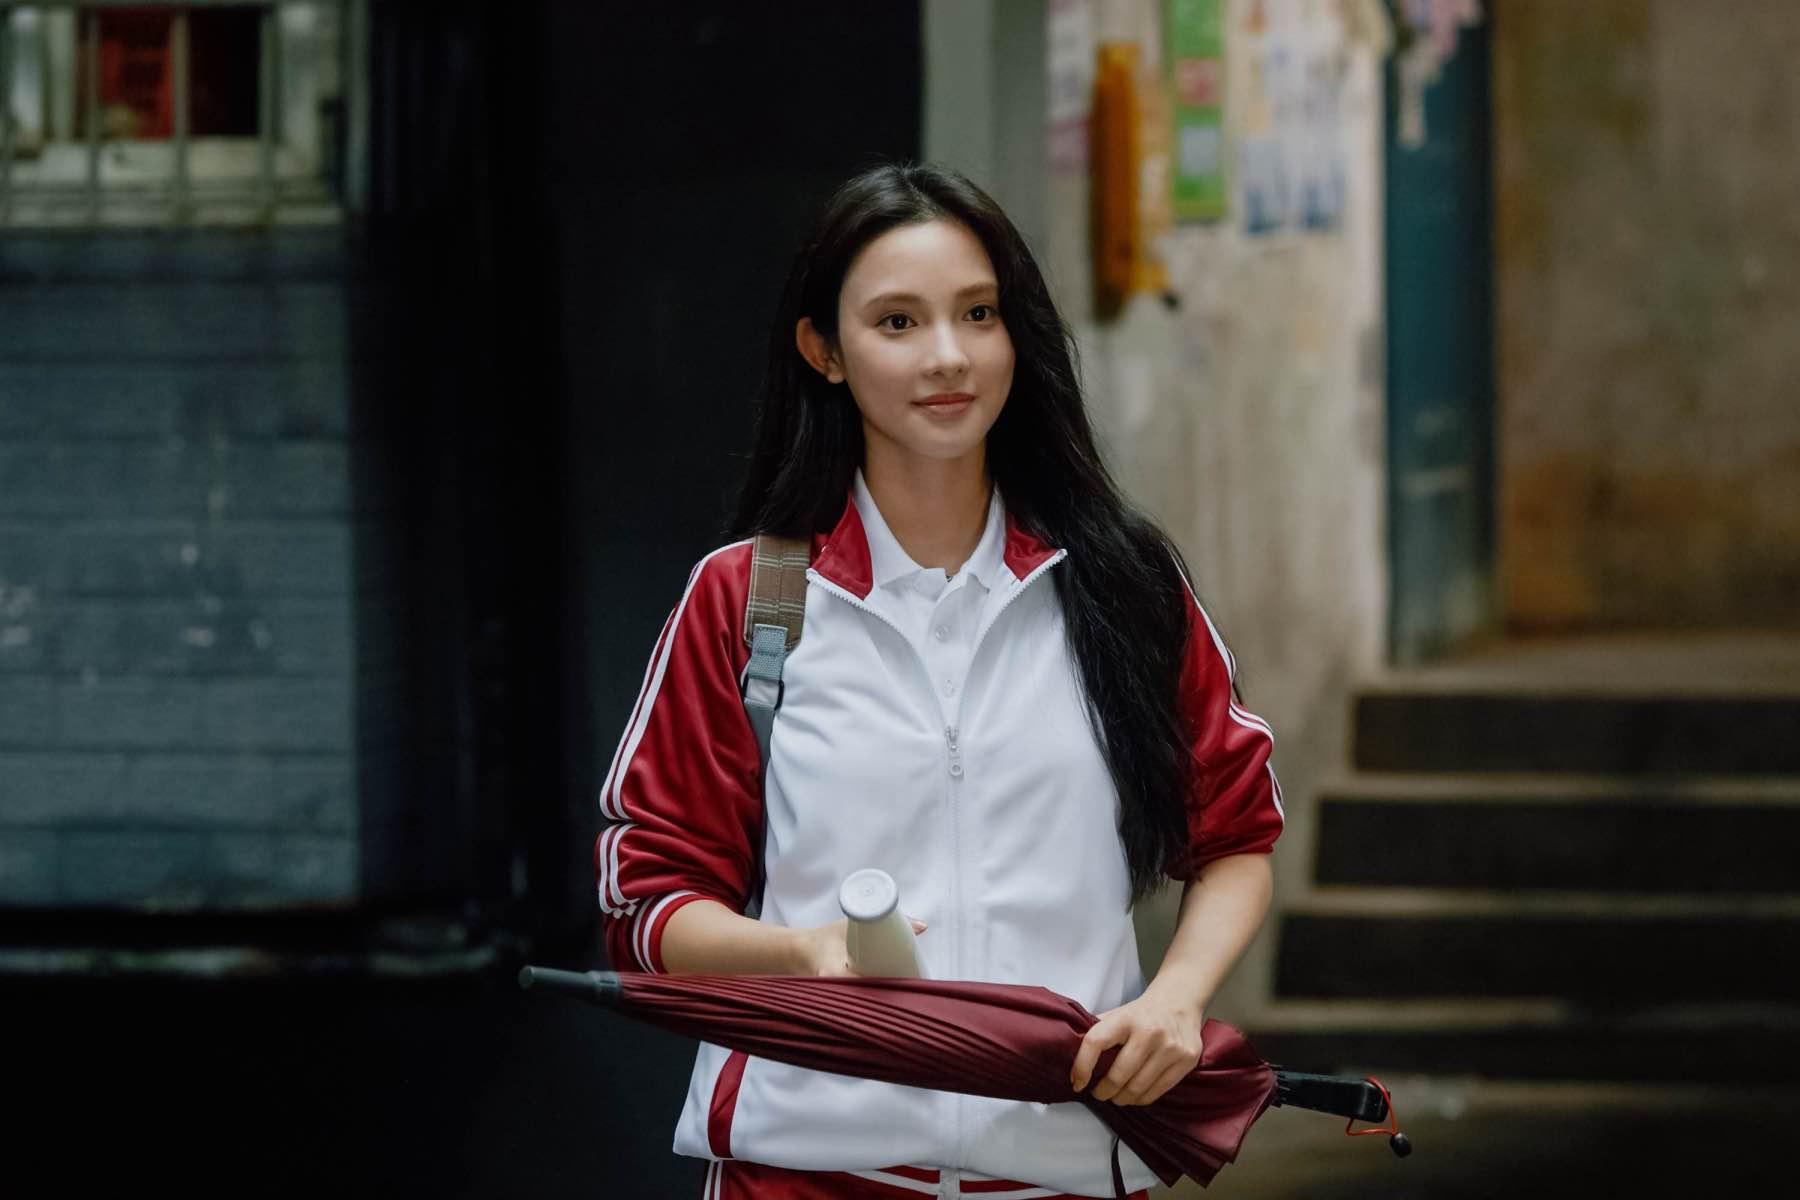 彭小苒助演郭敬明《少年之名》mv 青春校服造型诠释多元塑造力